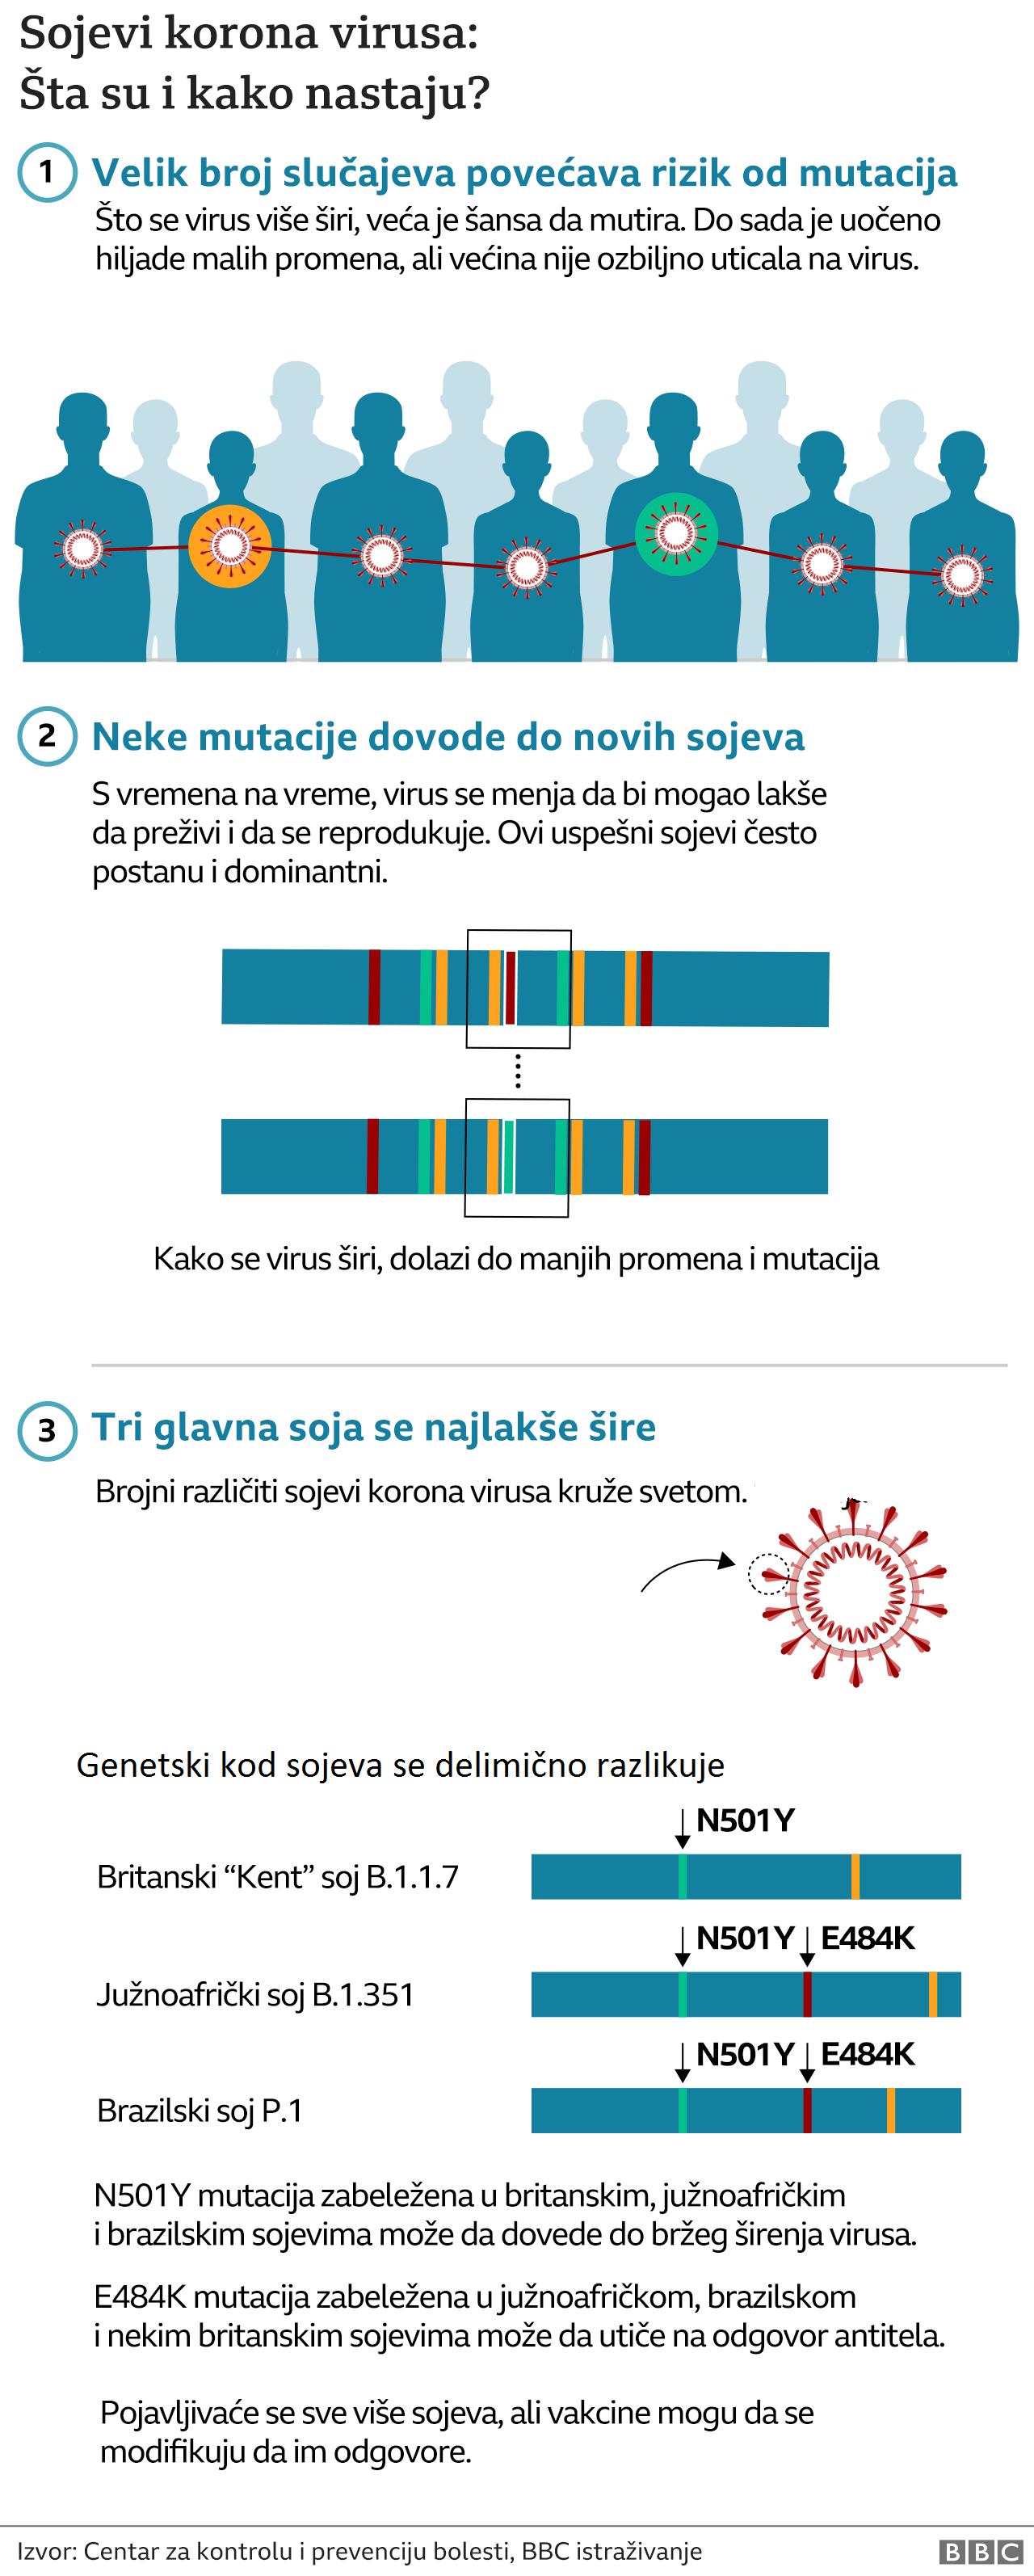 116911656_coronavirus_variants_v3_inf640-2x-n-20